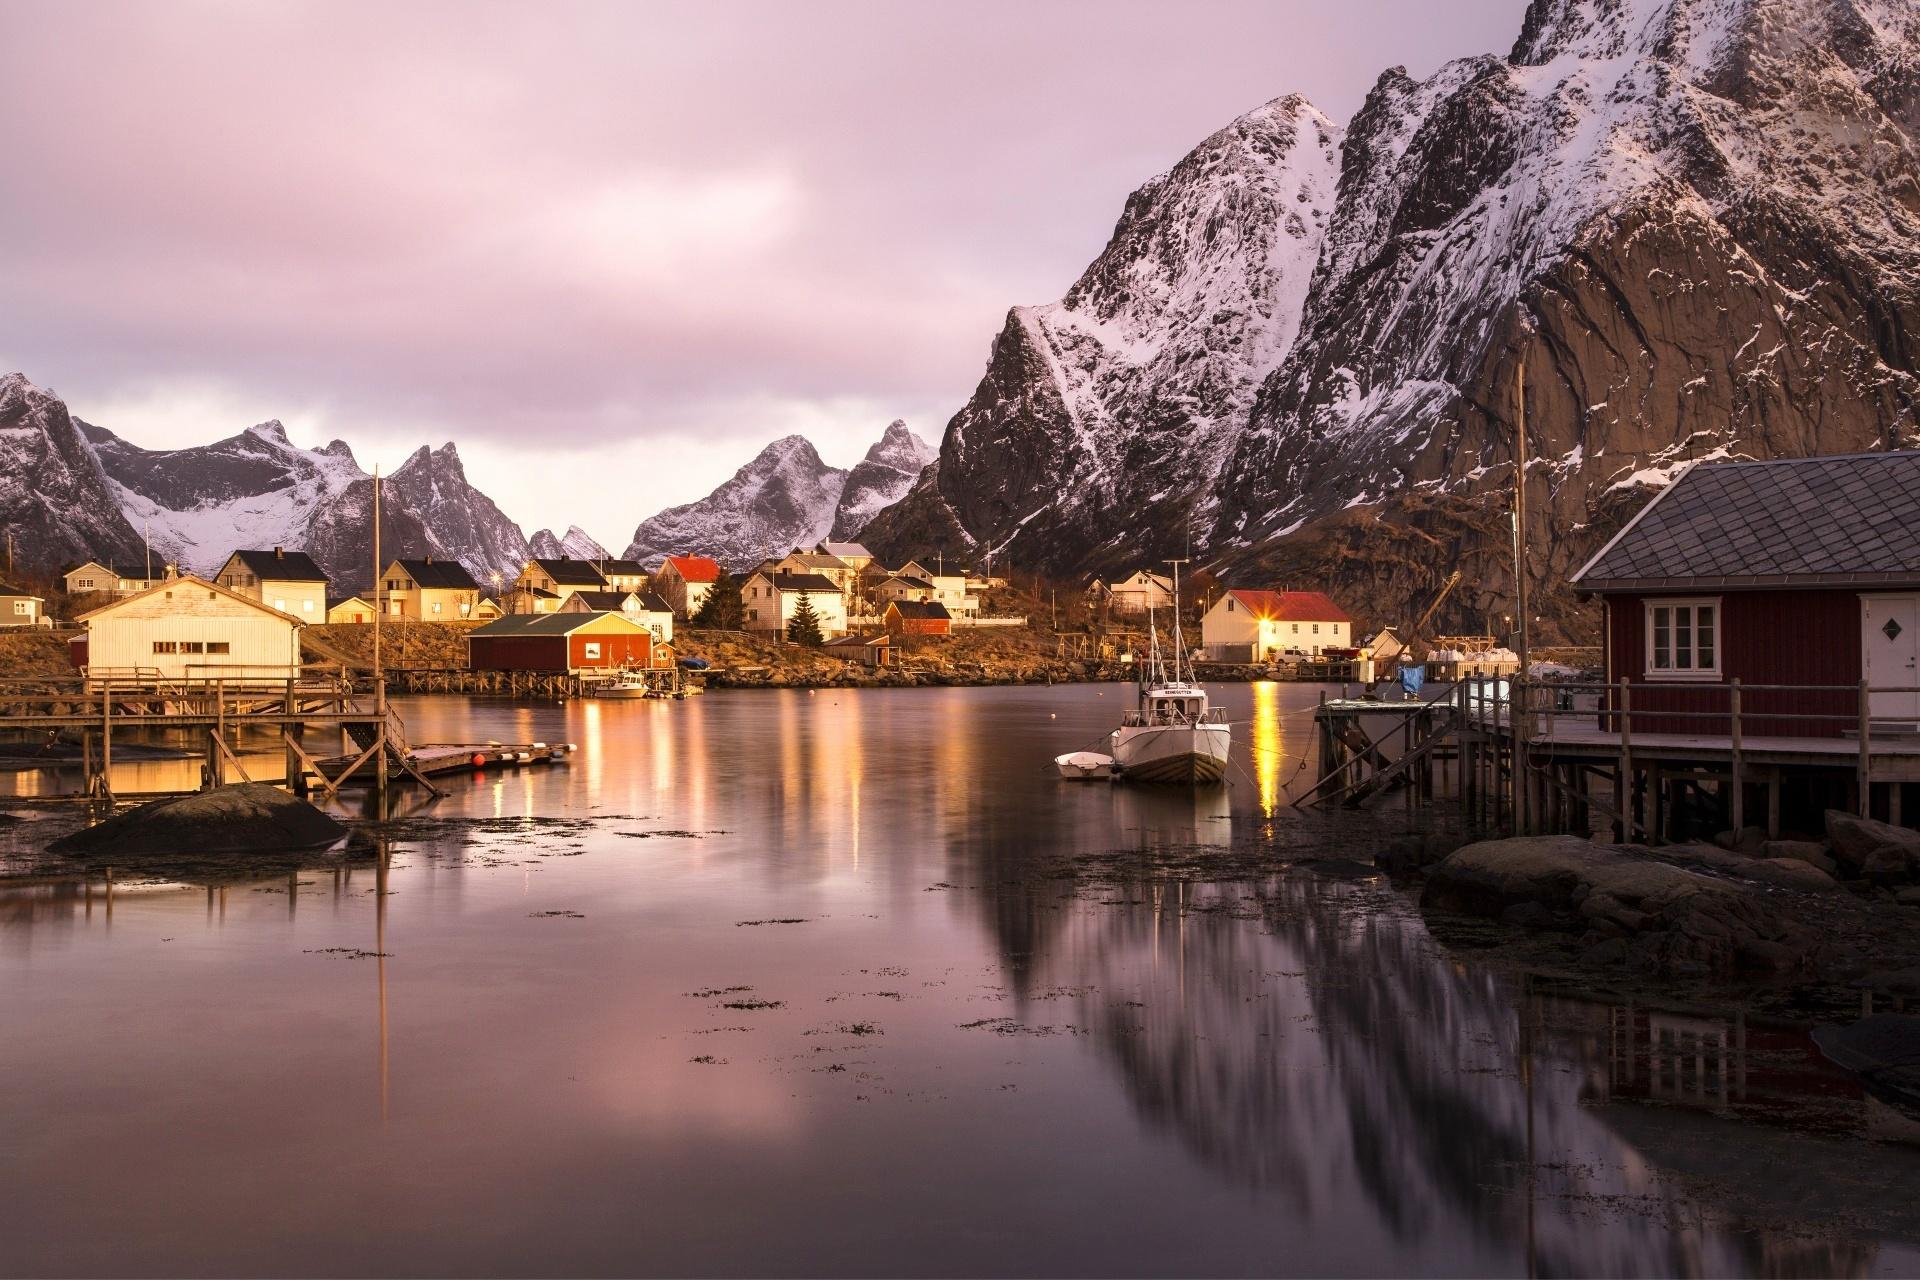 ロフォーテン諸島の朝の風景 ノルウェーの風景